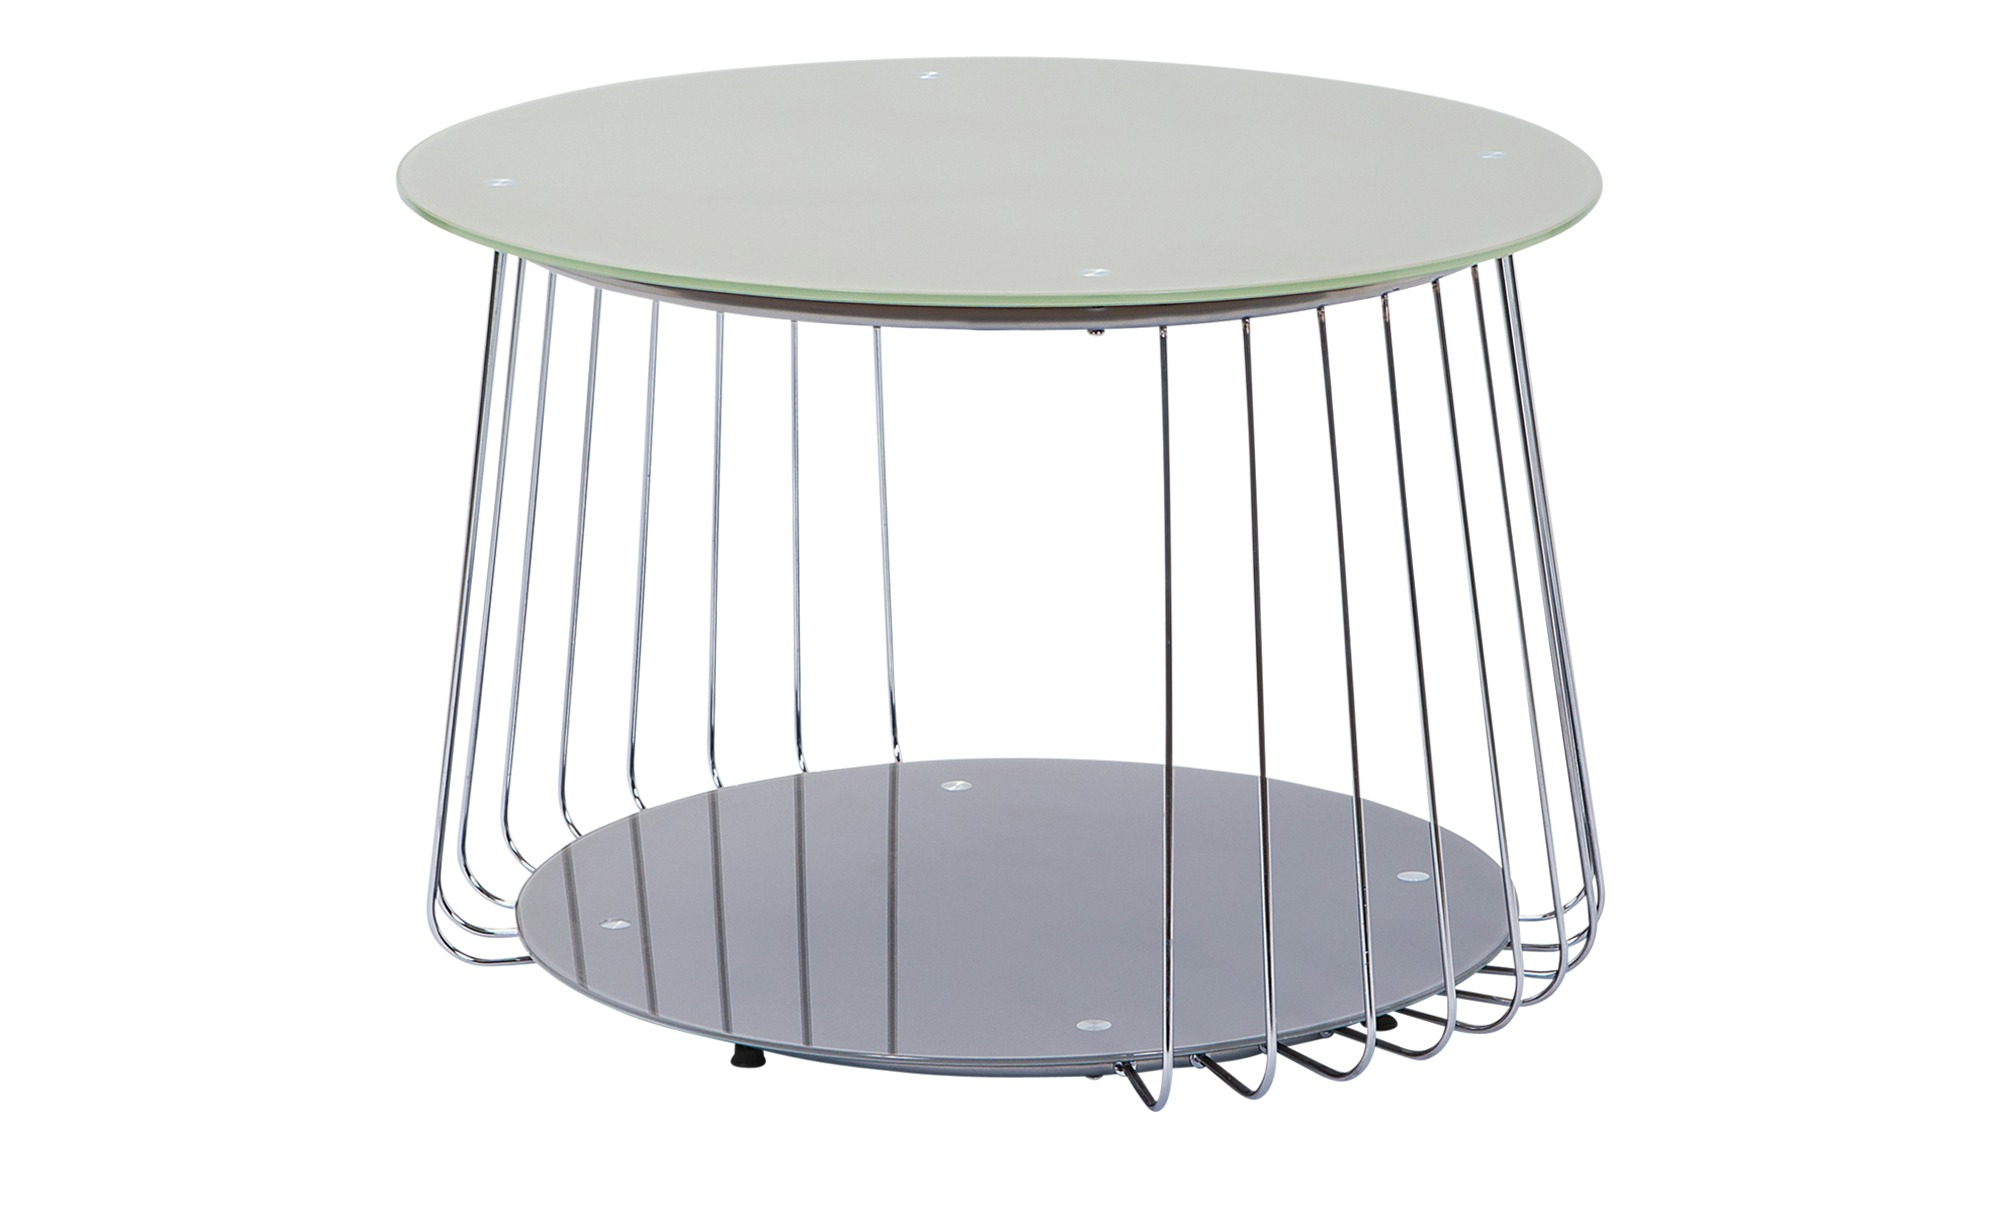 Couchtisch  Fiorane ¦ Maße (cm): B: 70 H: 50 T: 50 Ø: 70 Tische > Couchtische > Couchtische rund - Höffner